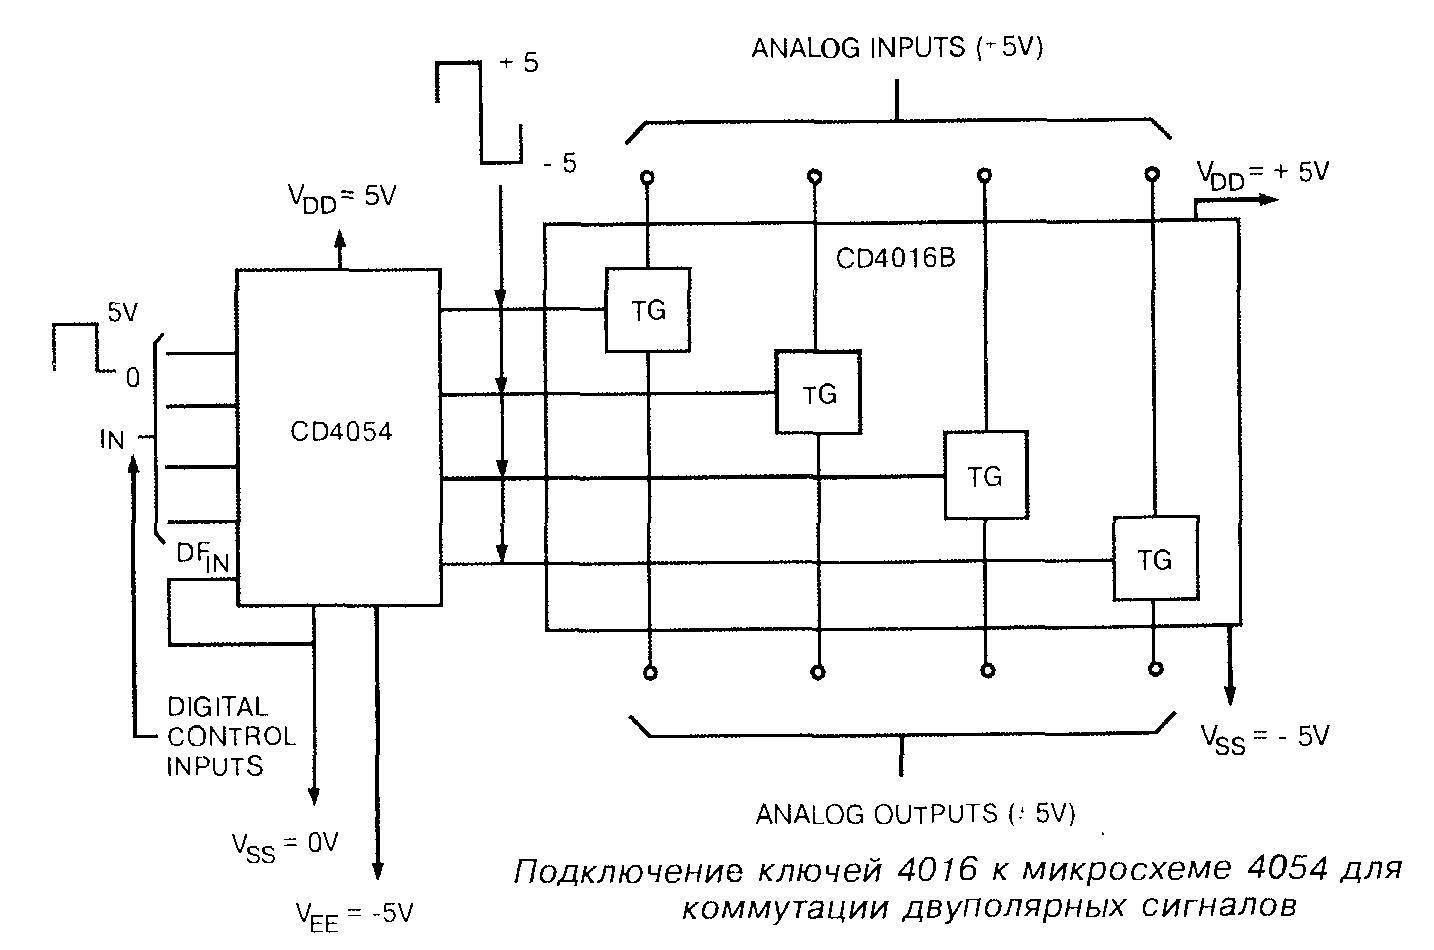 Подключение ключей 4016 к микросхеме 4054 для коммутации двуполярных сигналов